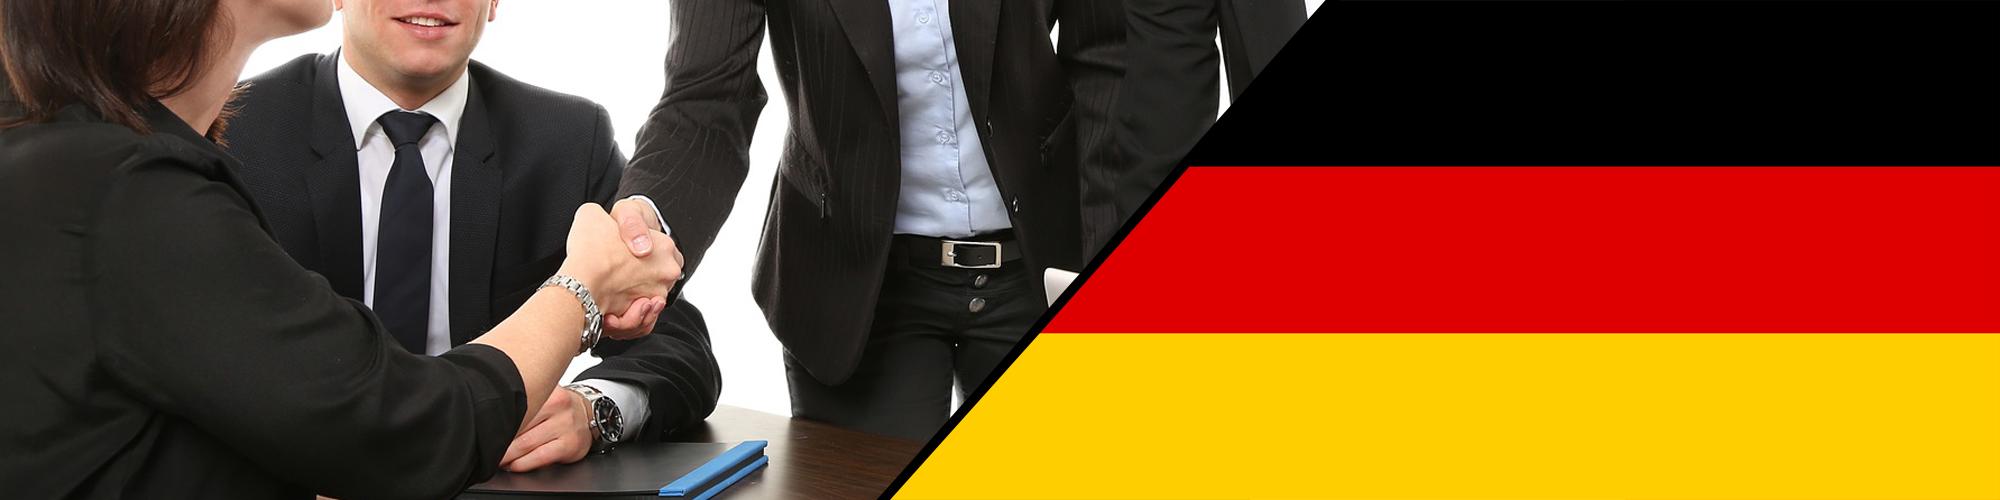 master-trattativa-tedesca-matera-mediatori-linguistici-mediazione-linguistica-università-traduzione-interpretariato-interpreti-traduttori-lingue-inglese-francese-spagnolo-tedesco-cinese-russo-arabo-giapponese